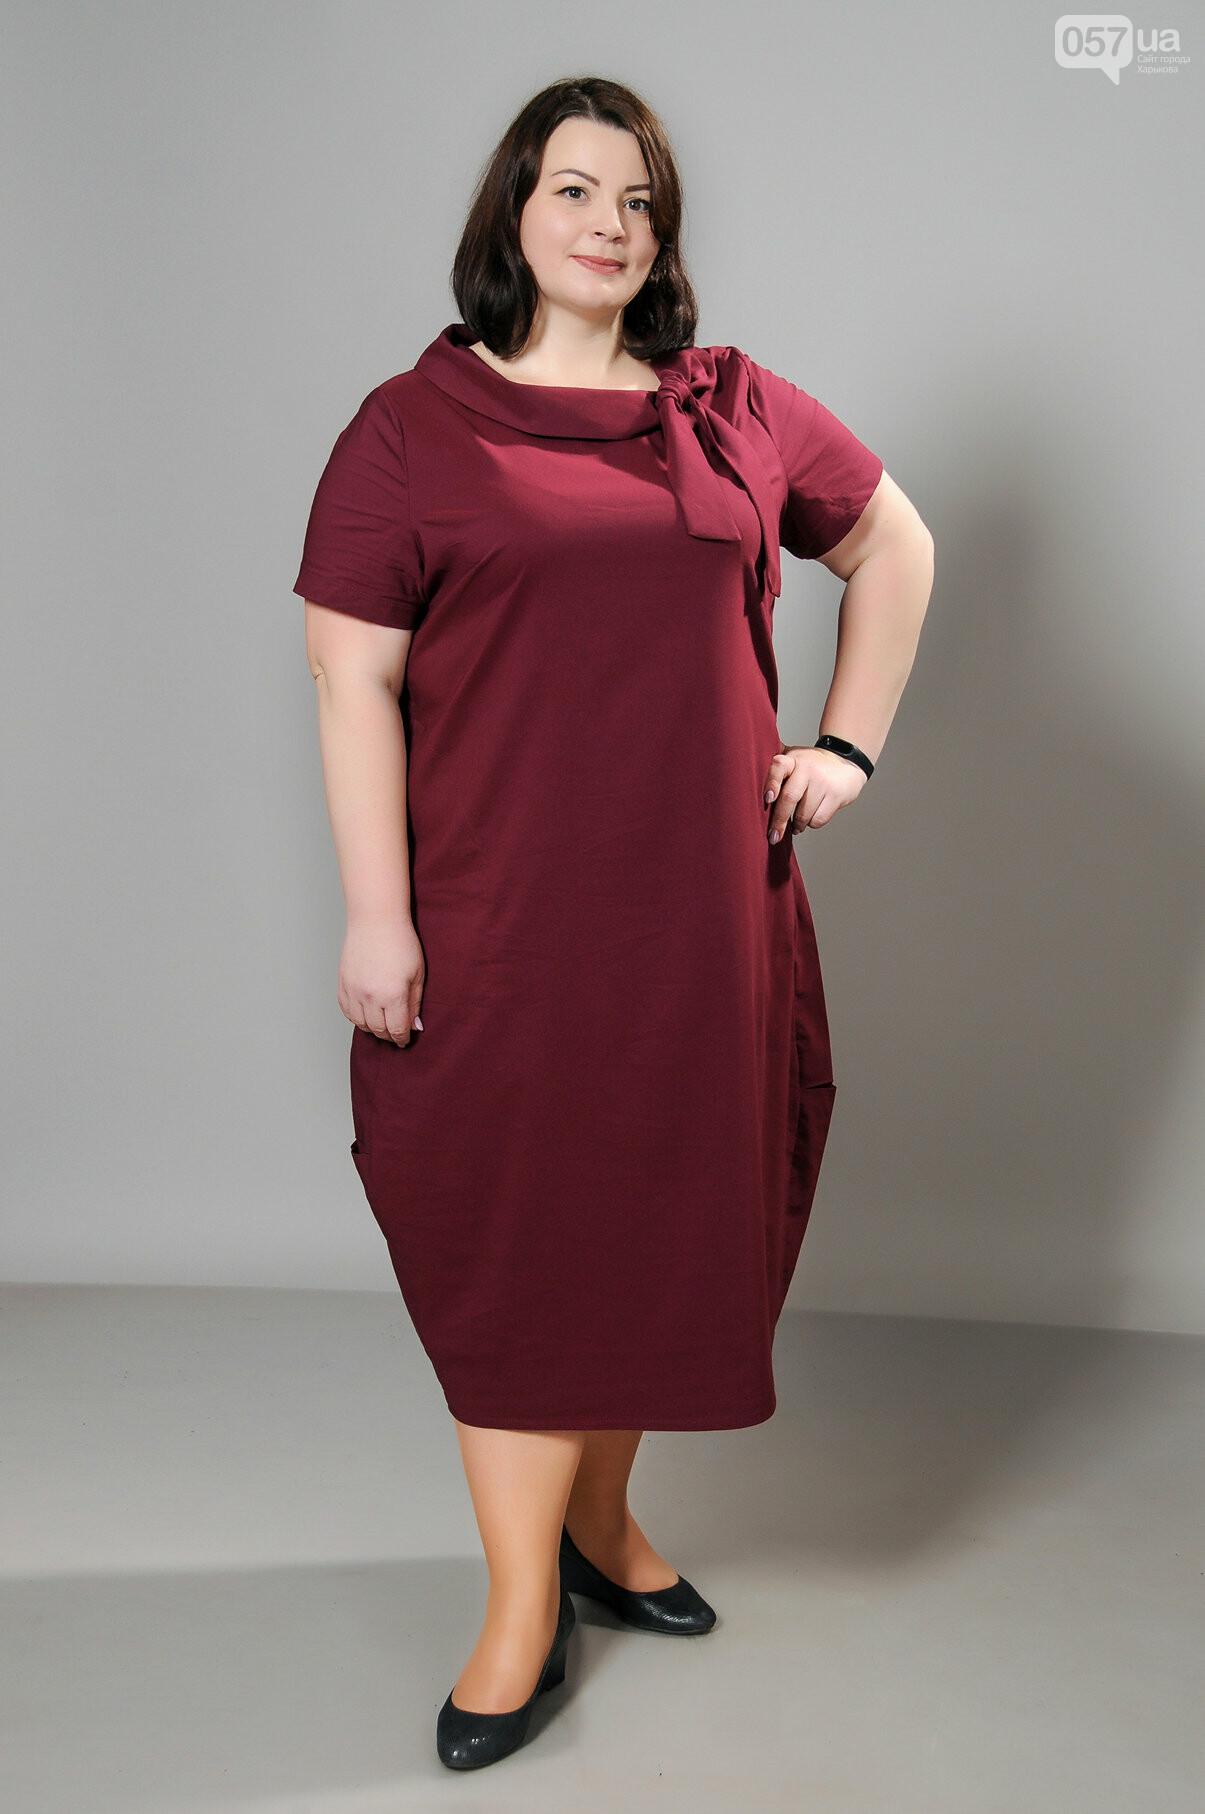 Выбираем платье большого размера, фото-3